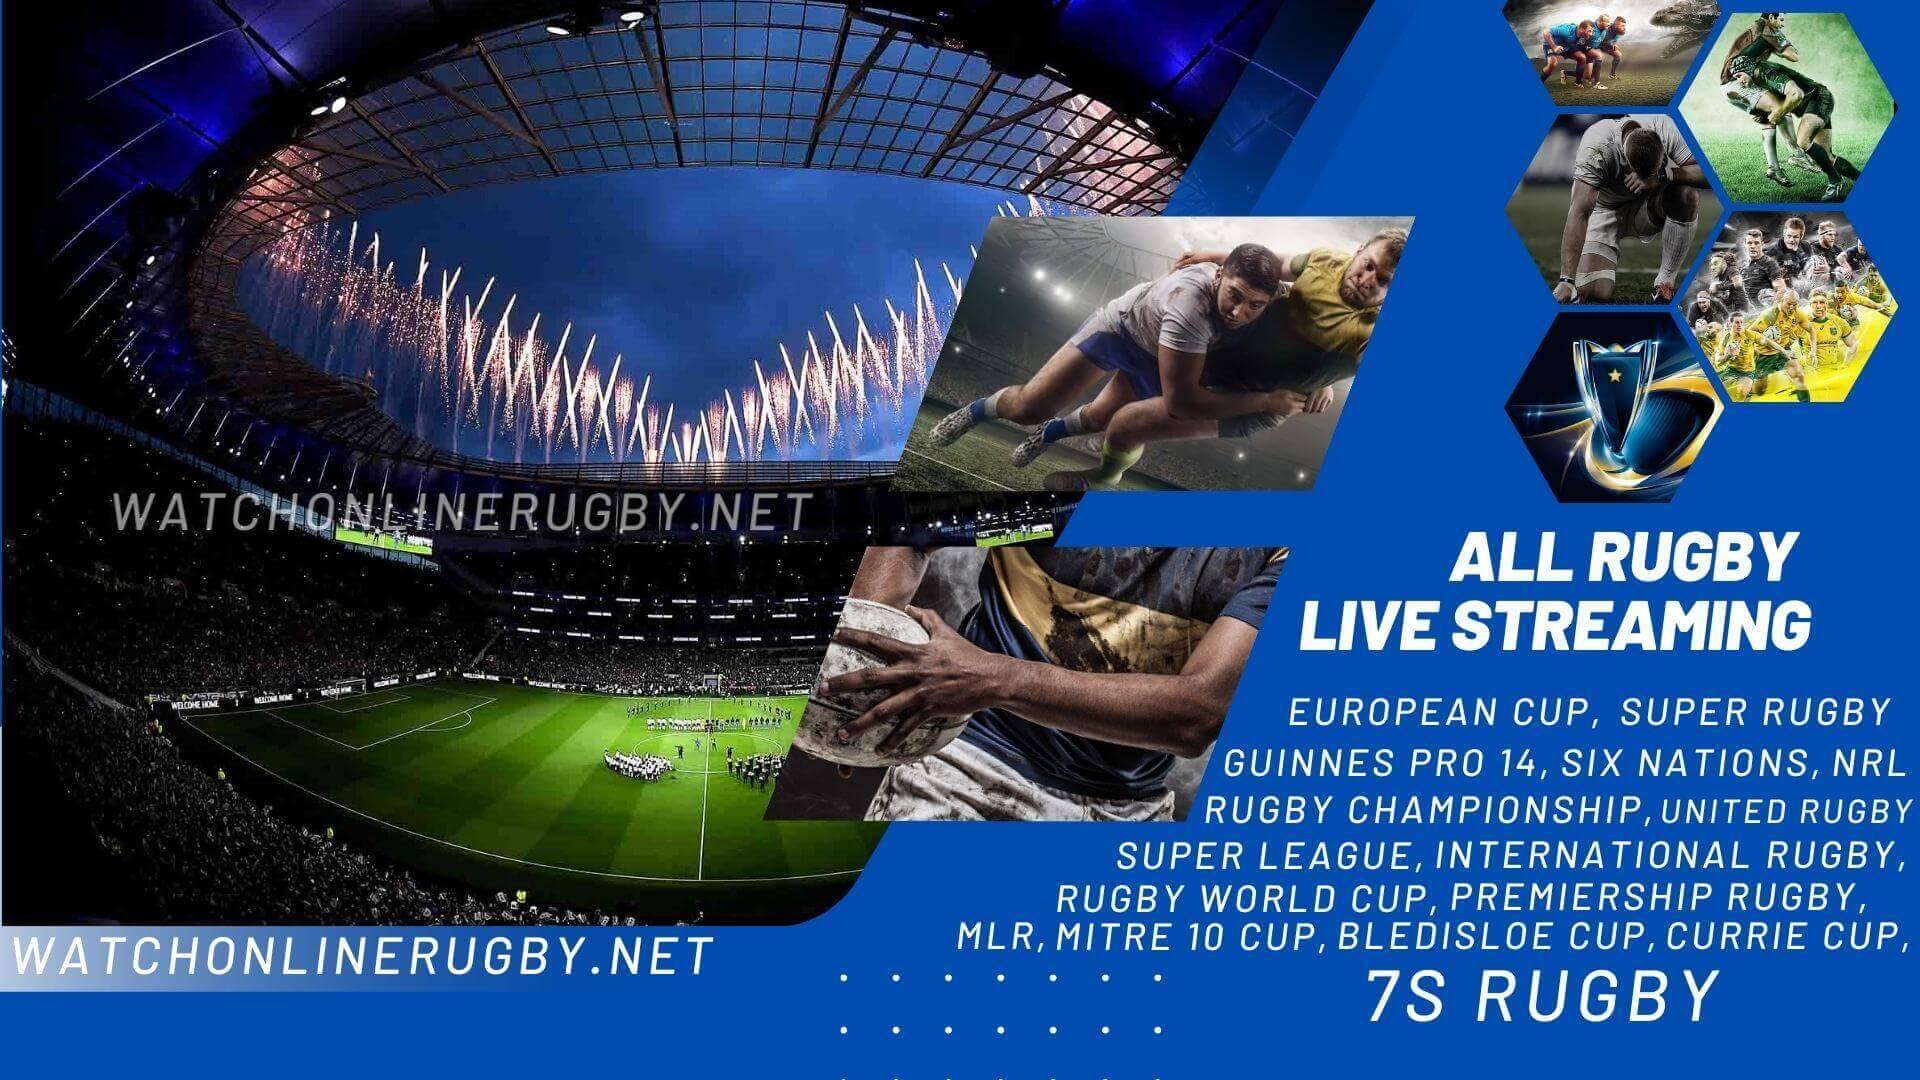 stade-francais-vs-edinburgh-rugby-live